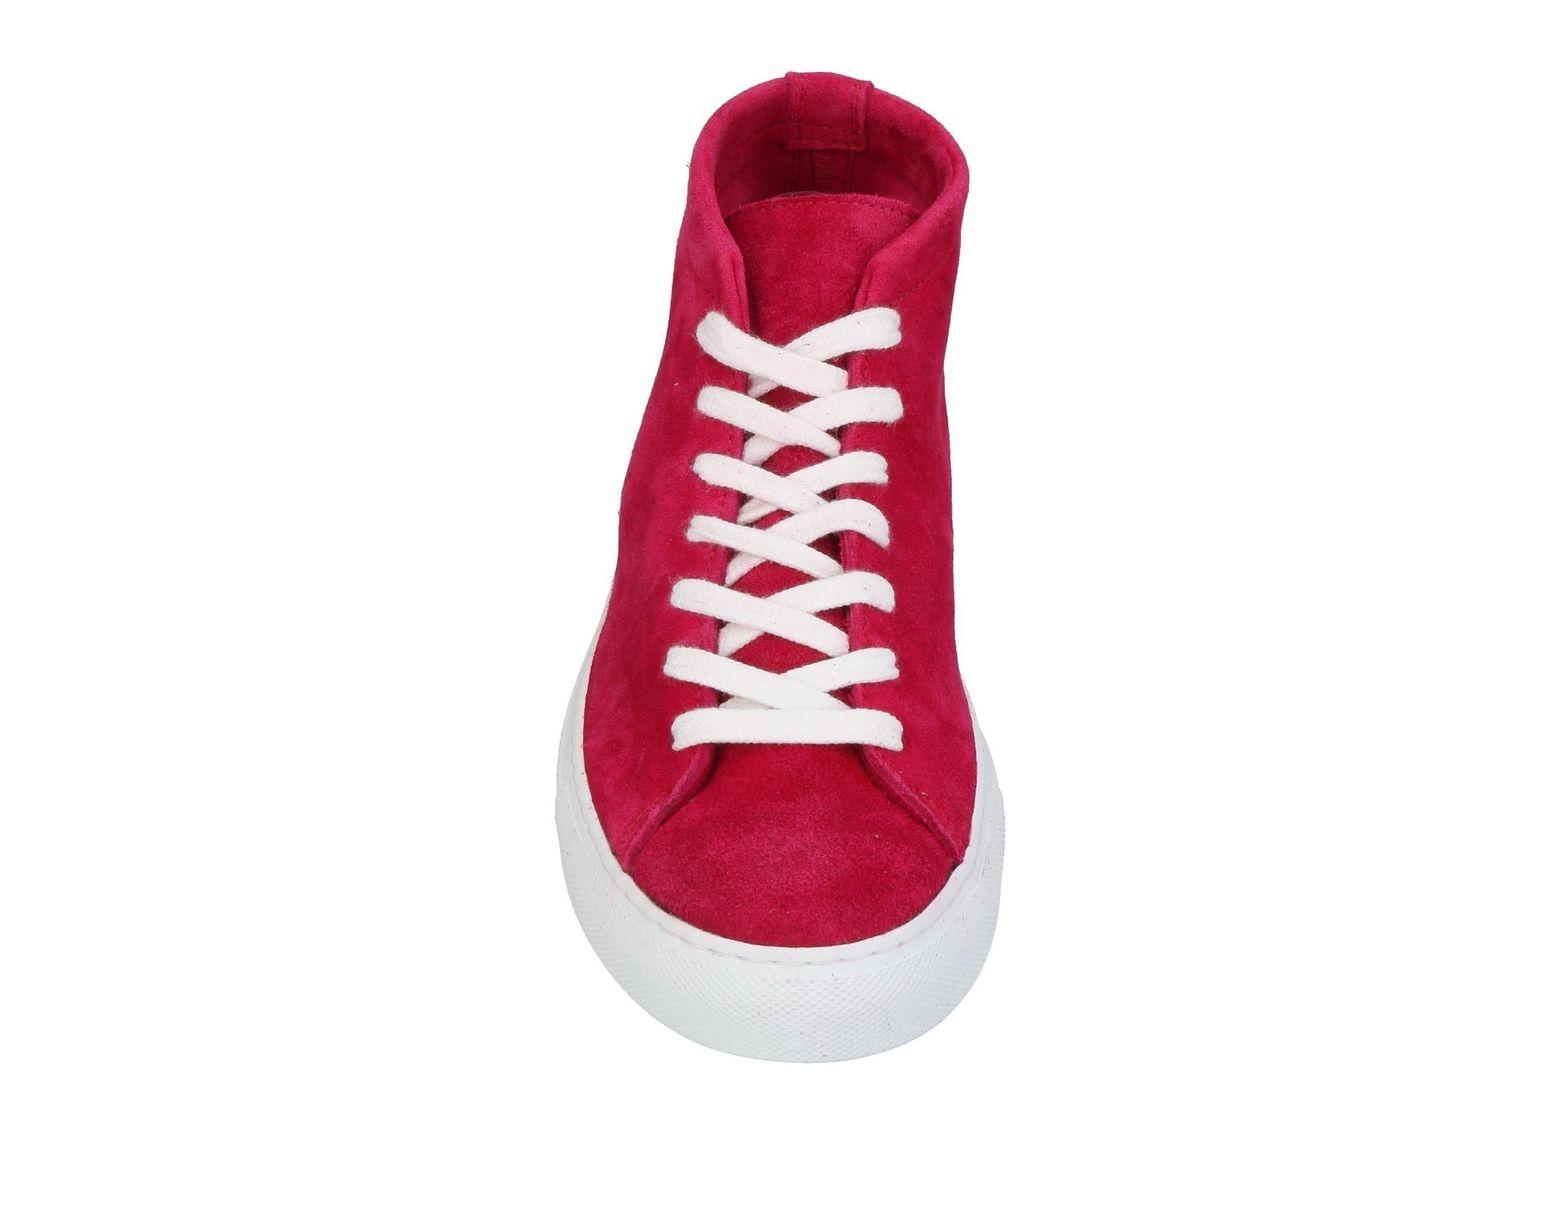 Pour Rouge Coloris Tennis Montantes Homme En Diemme Sneakersamp; Lyst lF1JKc